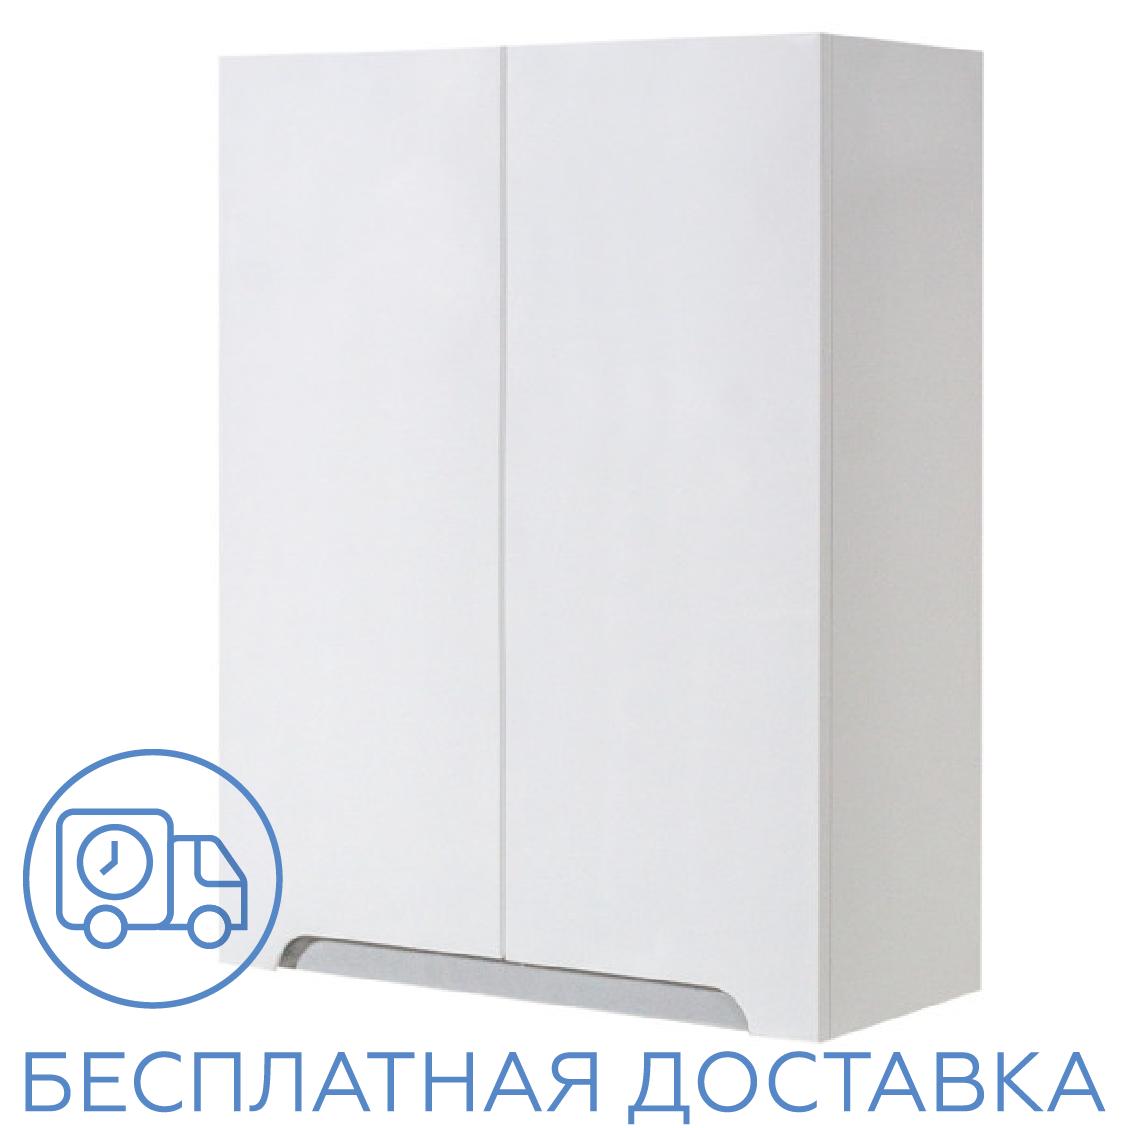 Шкаф навесной для ванной комнаты Симпл-Металлик 60-02 ПИК